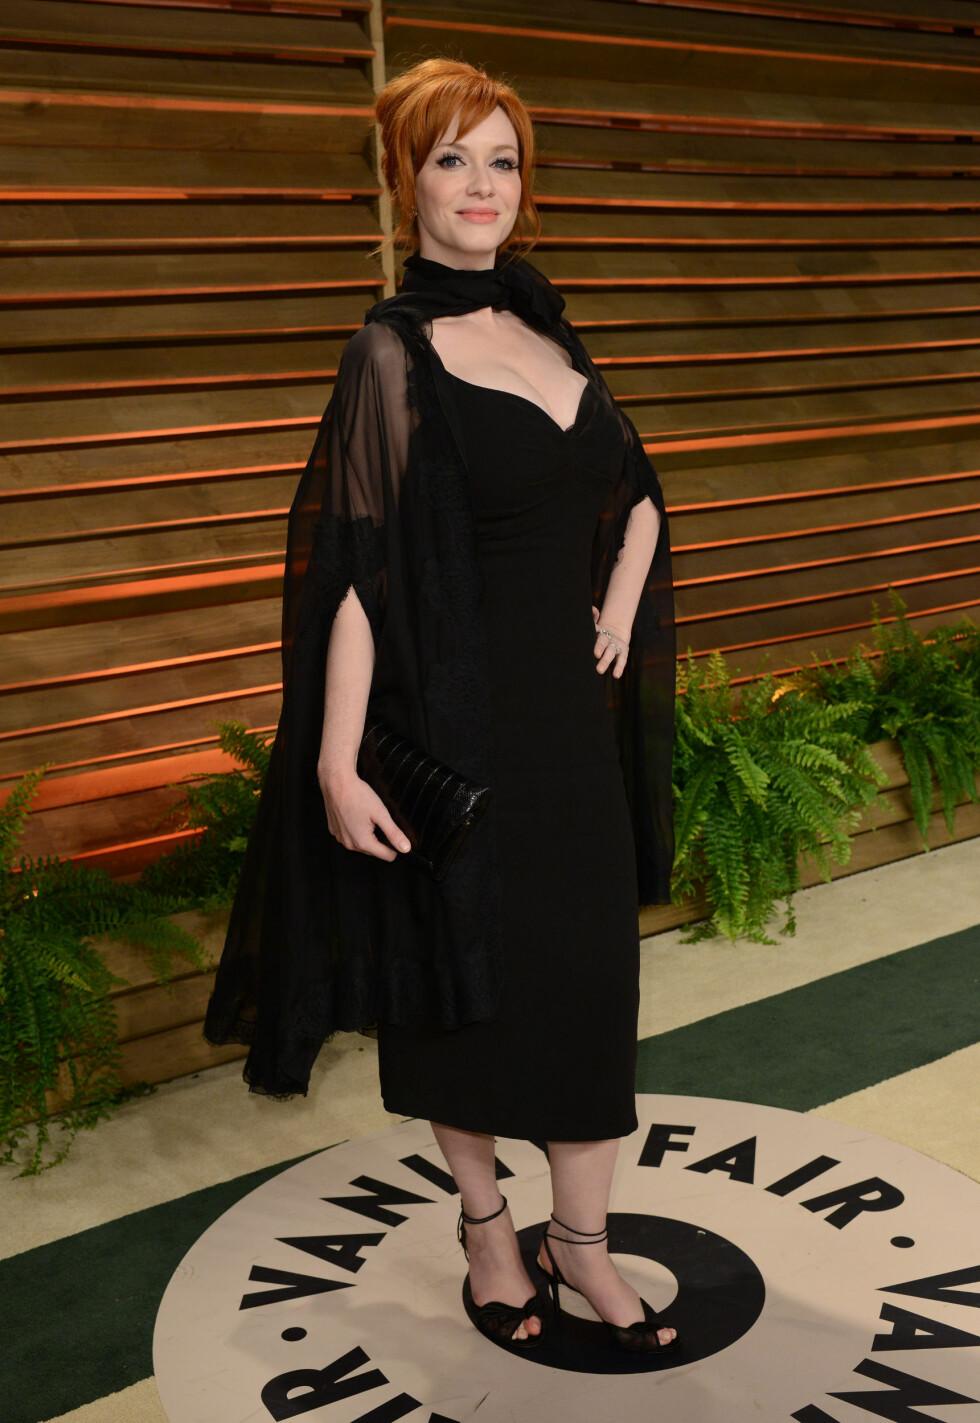 TEKKELIG: «Mad Men»-skjønnheten Christina Hendricks var kanskje hakket for tildekket på Vanity Fairs Oscar-fest i starten av mai. Den originale, sorte capen gjorde antrekket uformelig, og hun fikk terningkast én av Seoghør.nos lesere.  Foto: FameFlynet